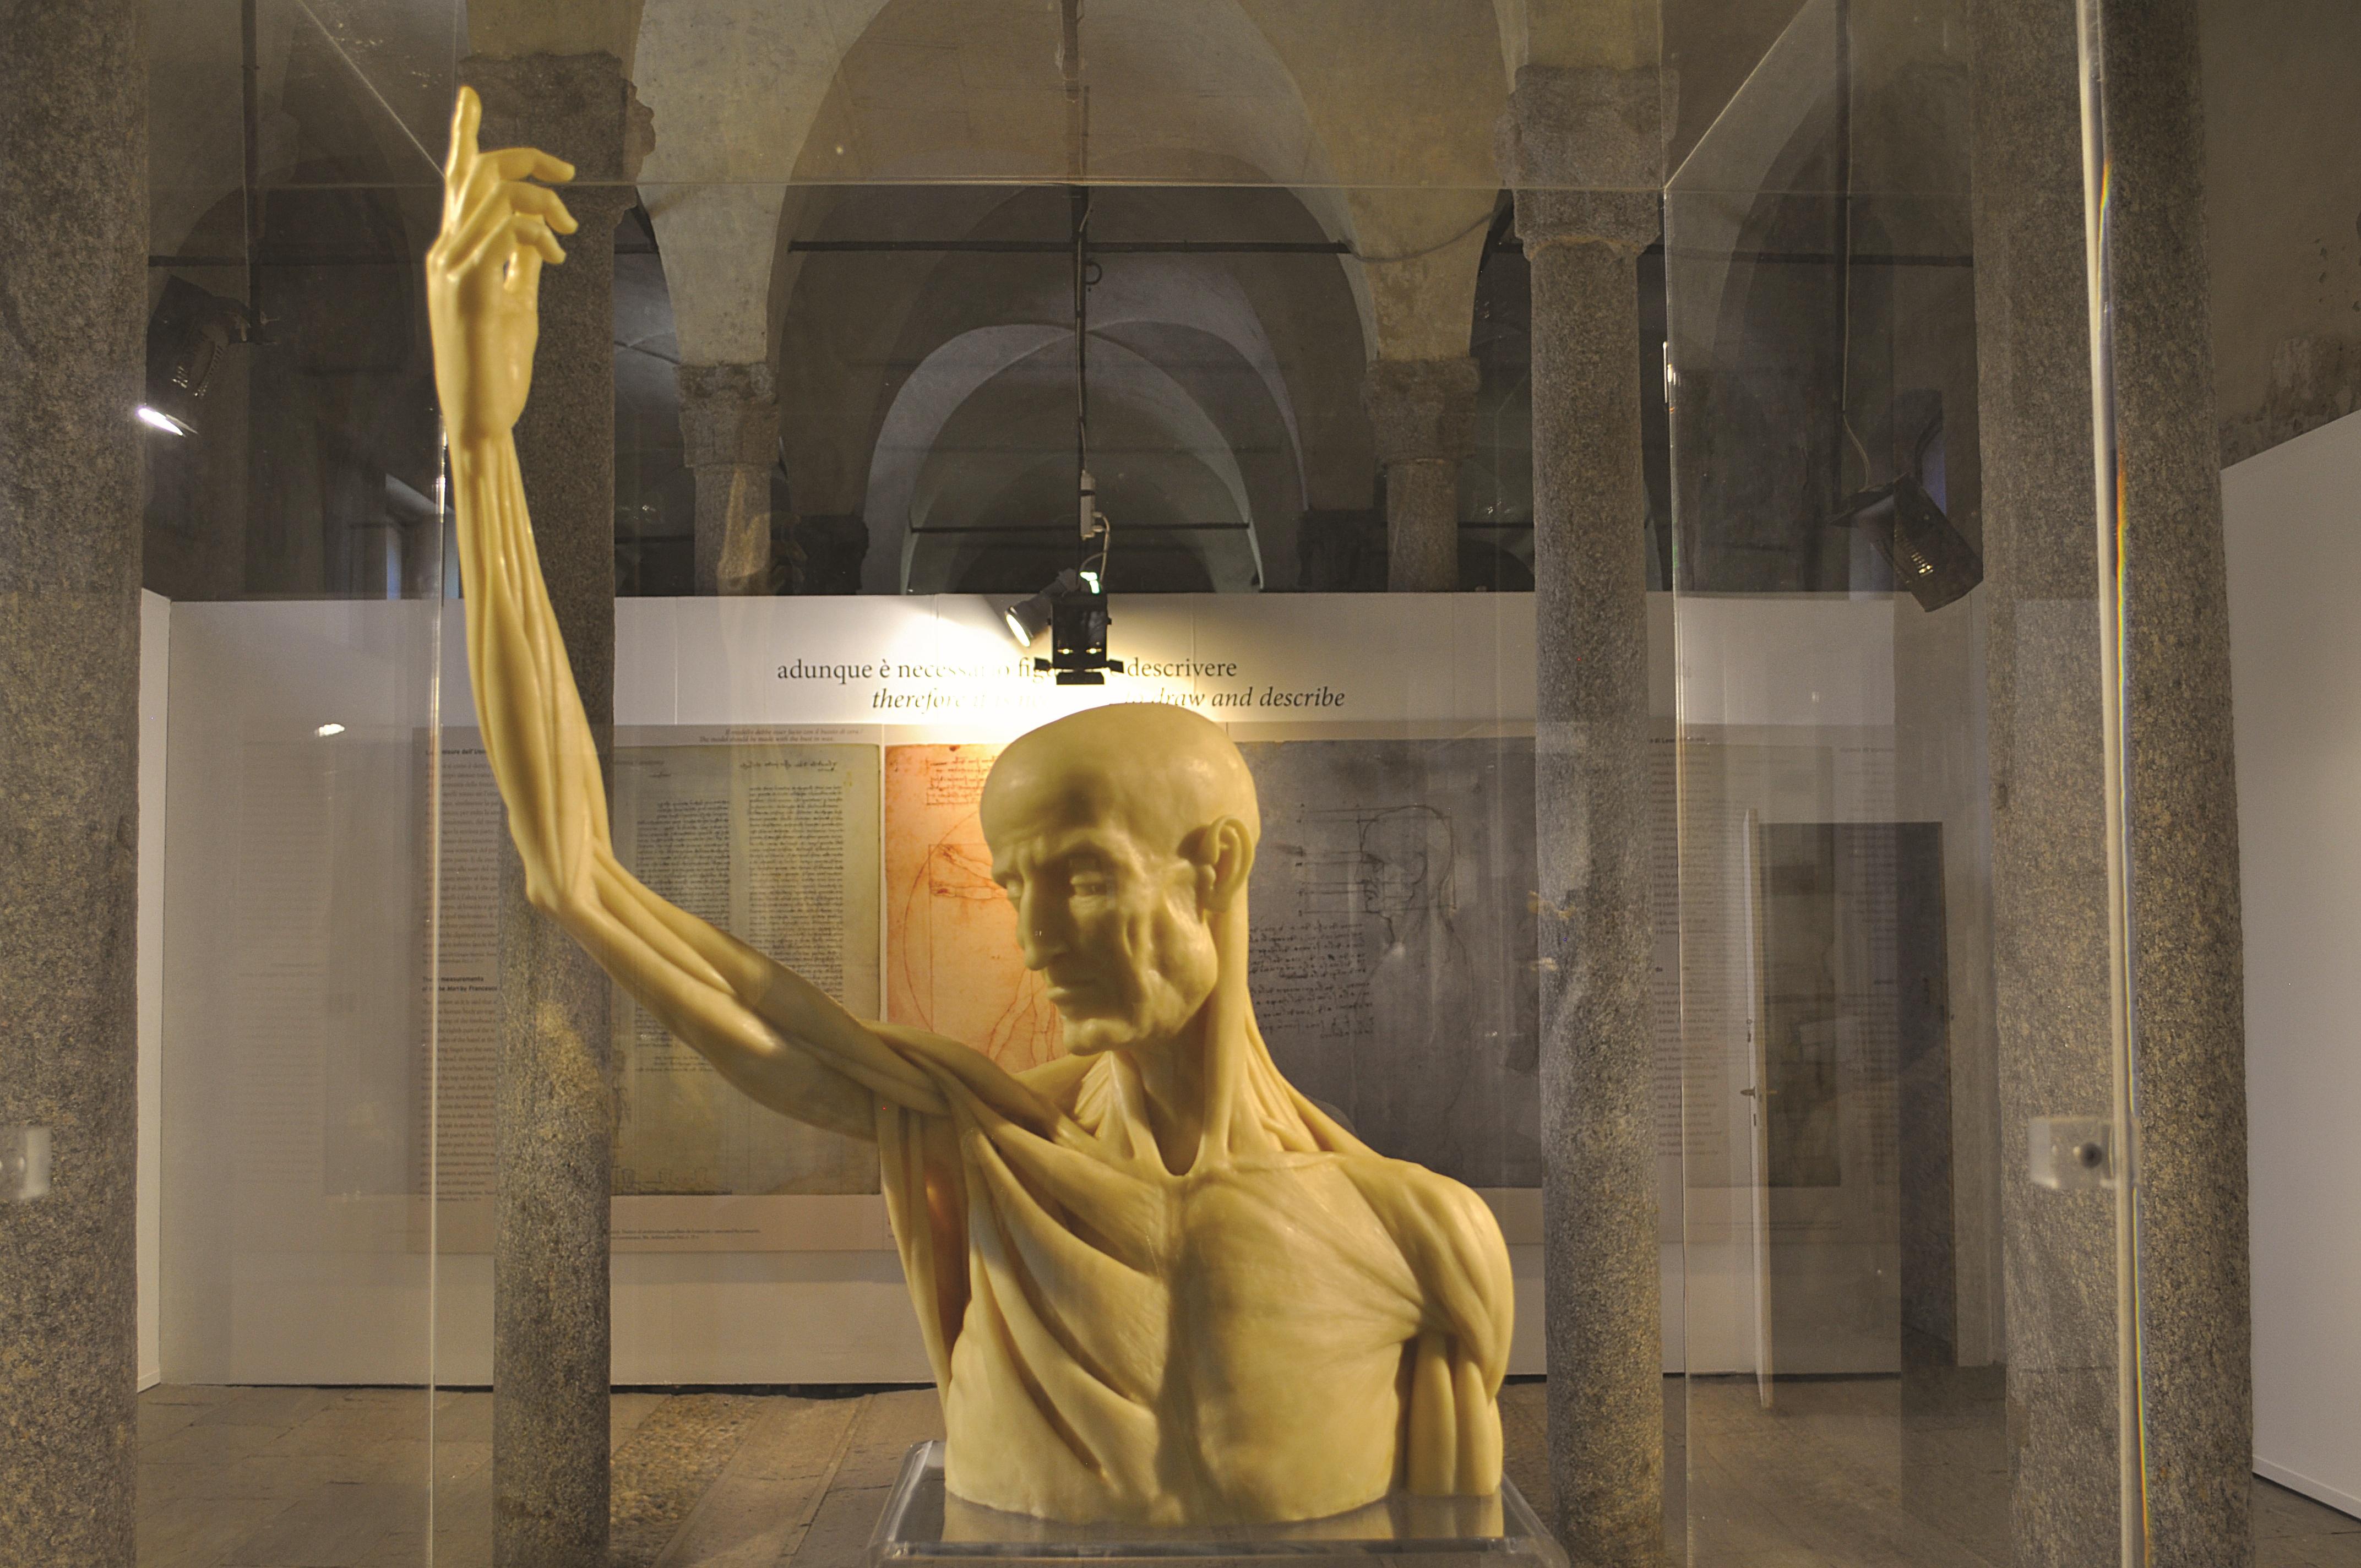 <p>Ceroplastica, busto con braccio alzato; ideazione Paola Salvi, realizzazione Moreno Vezzoli</p>